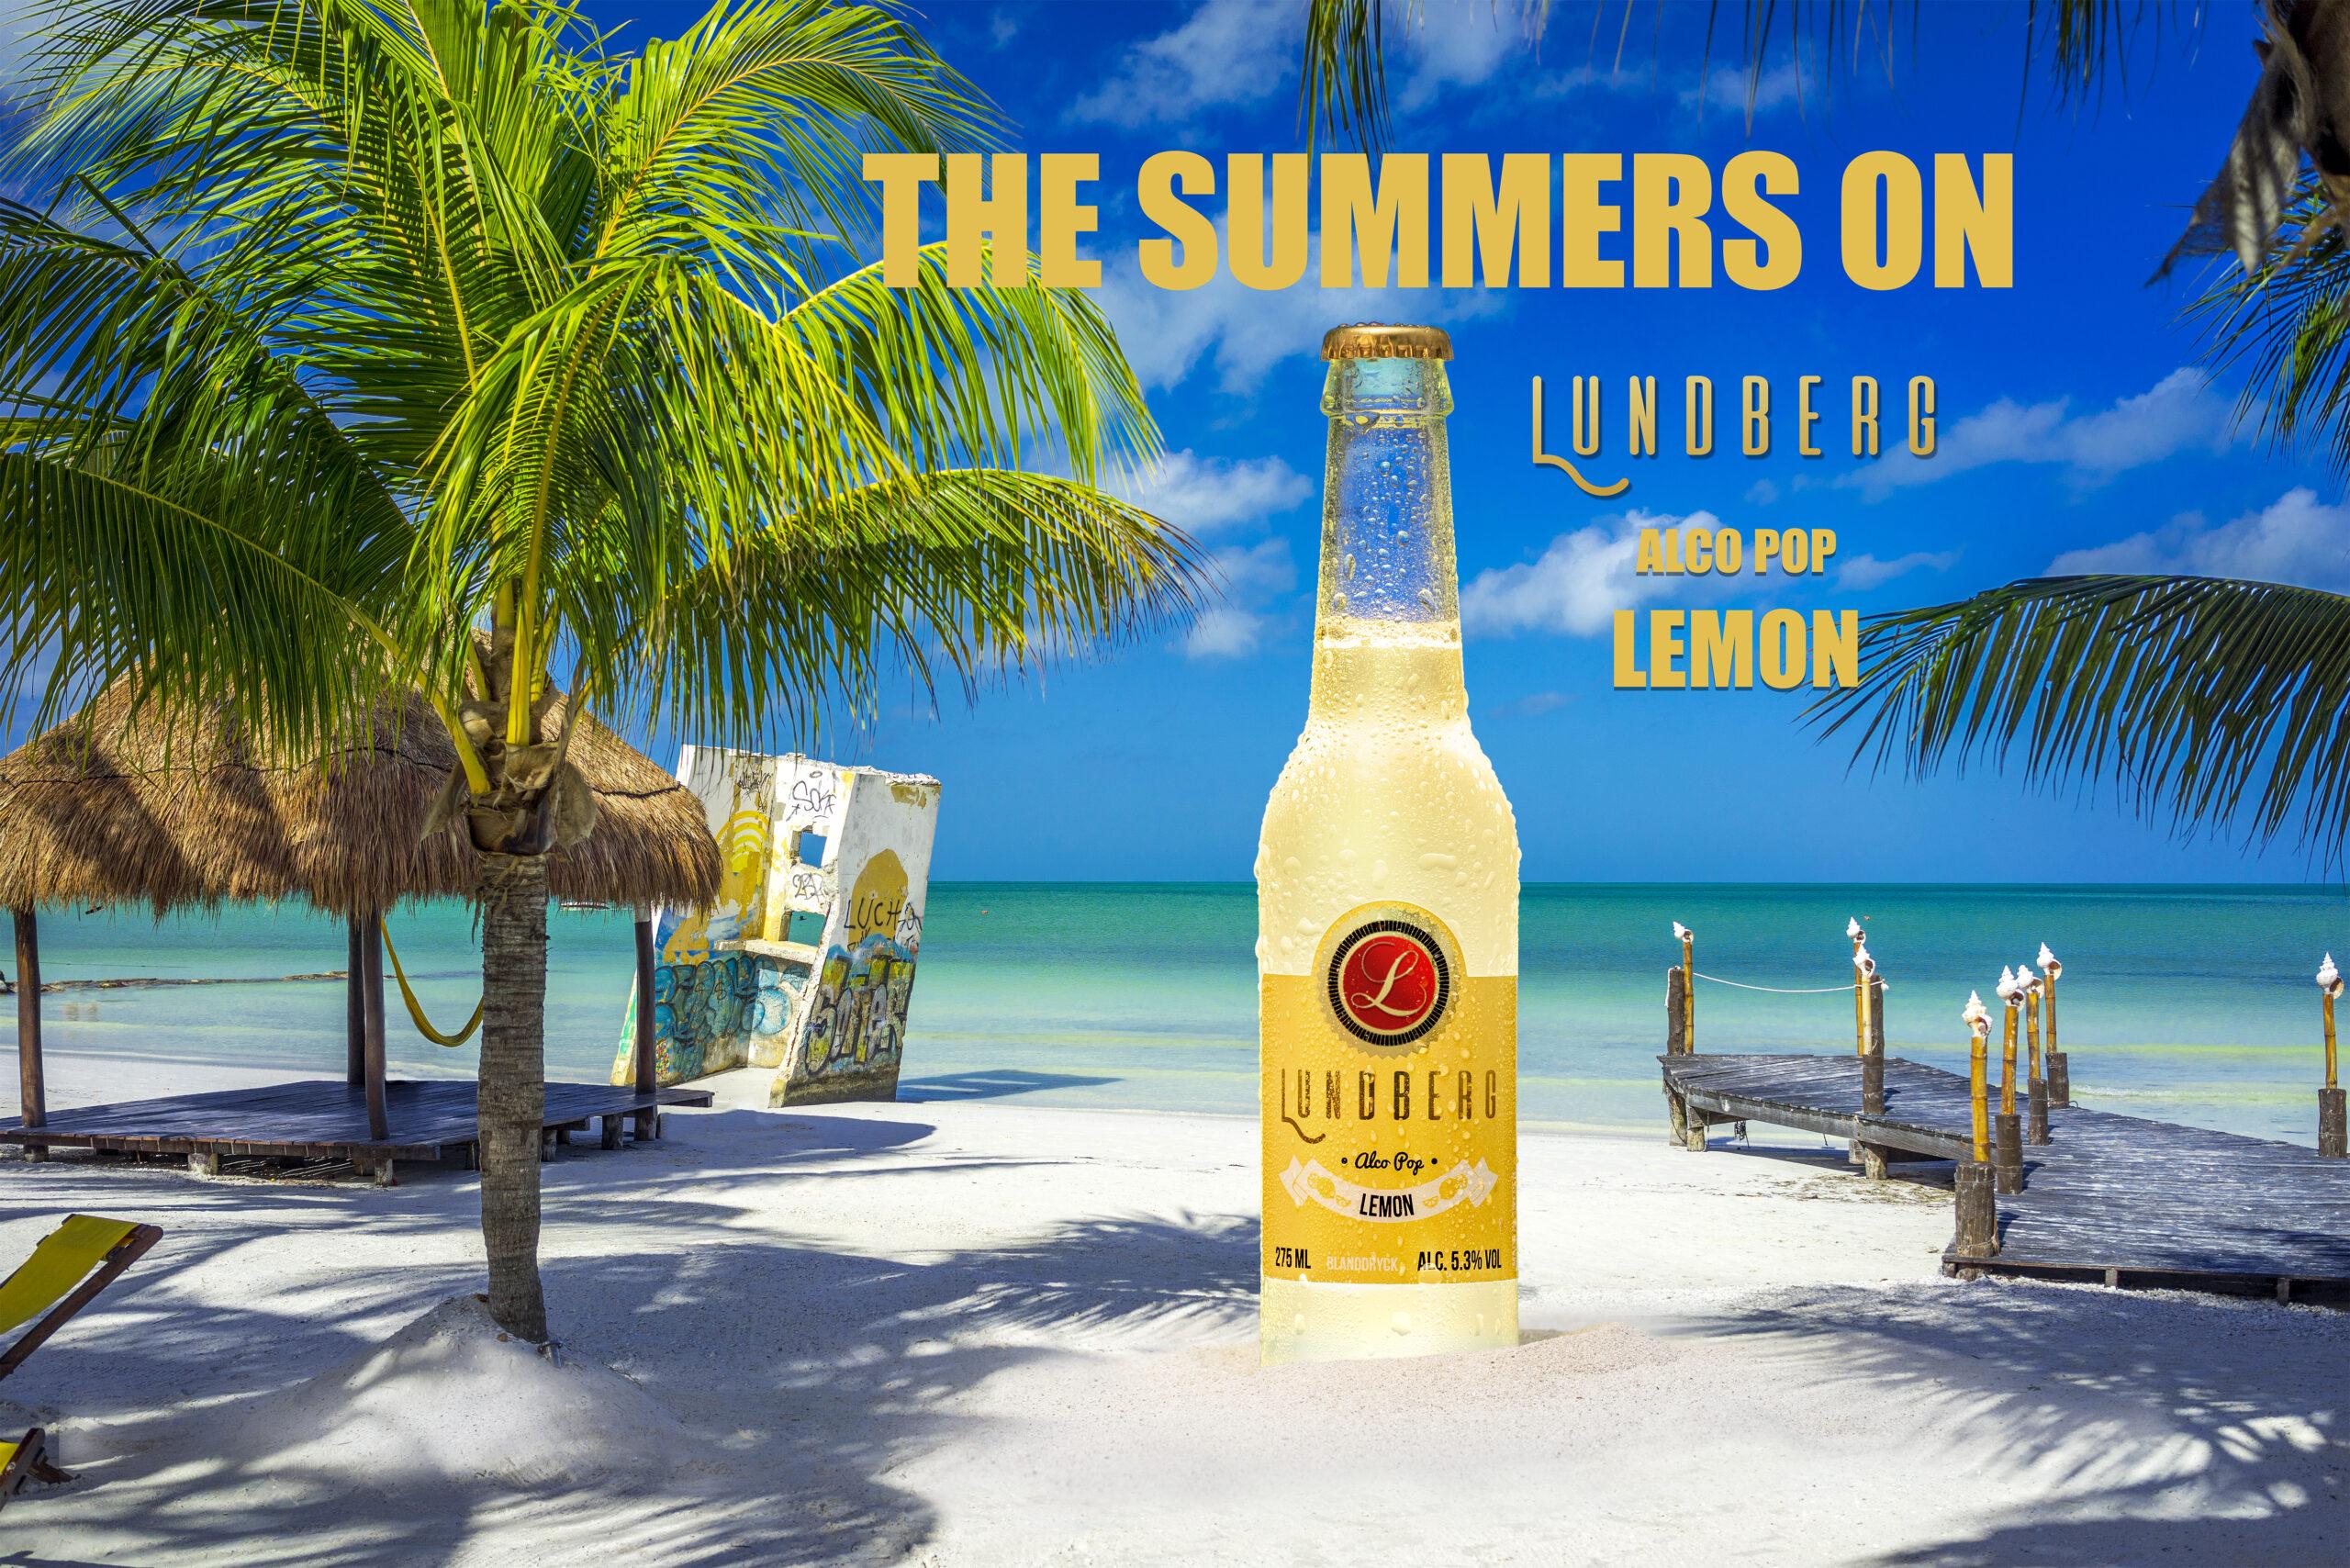 Lundberg Alco pop Lemon 02